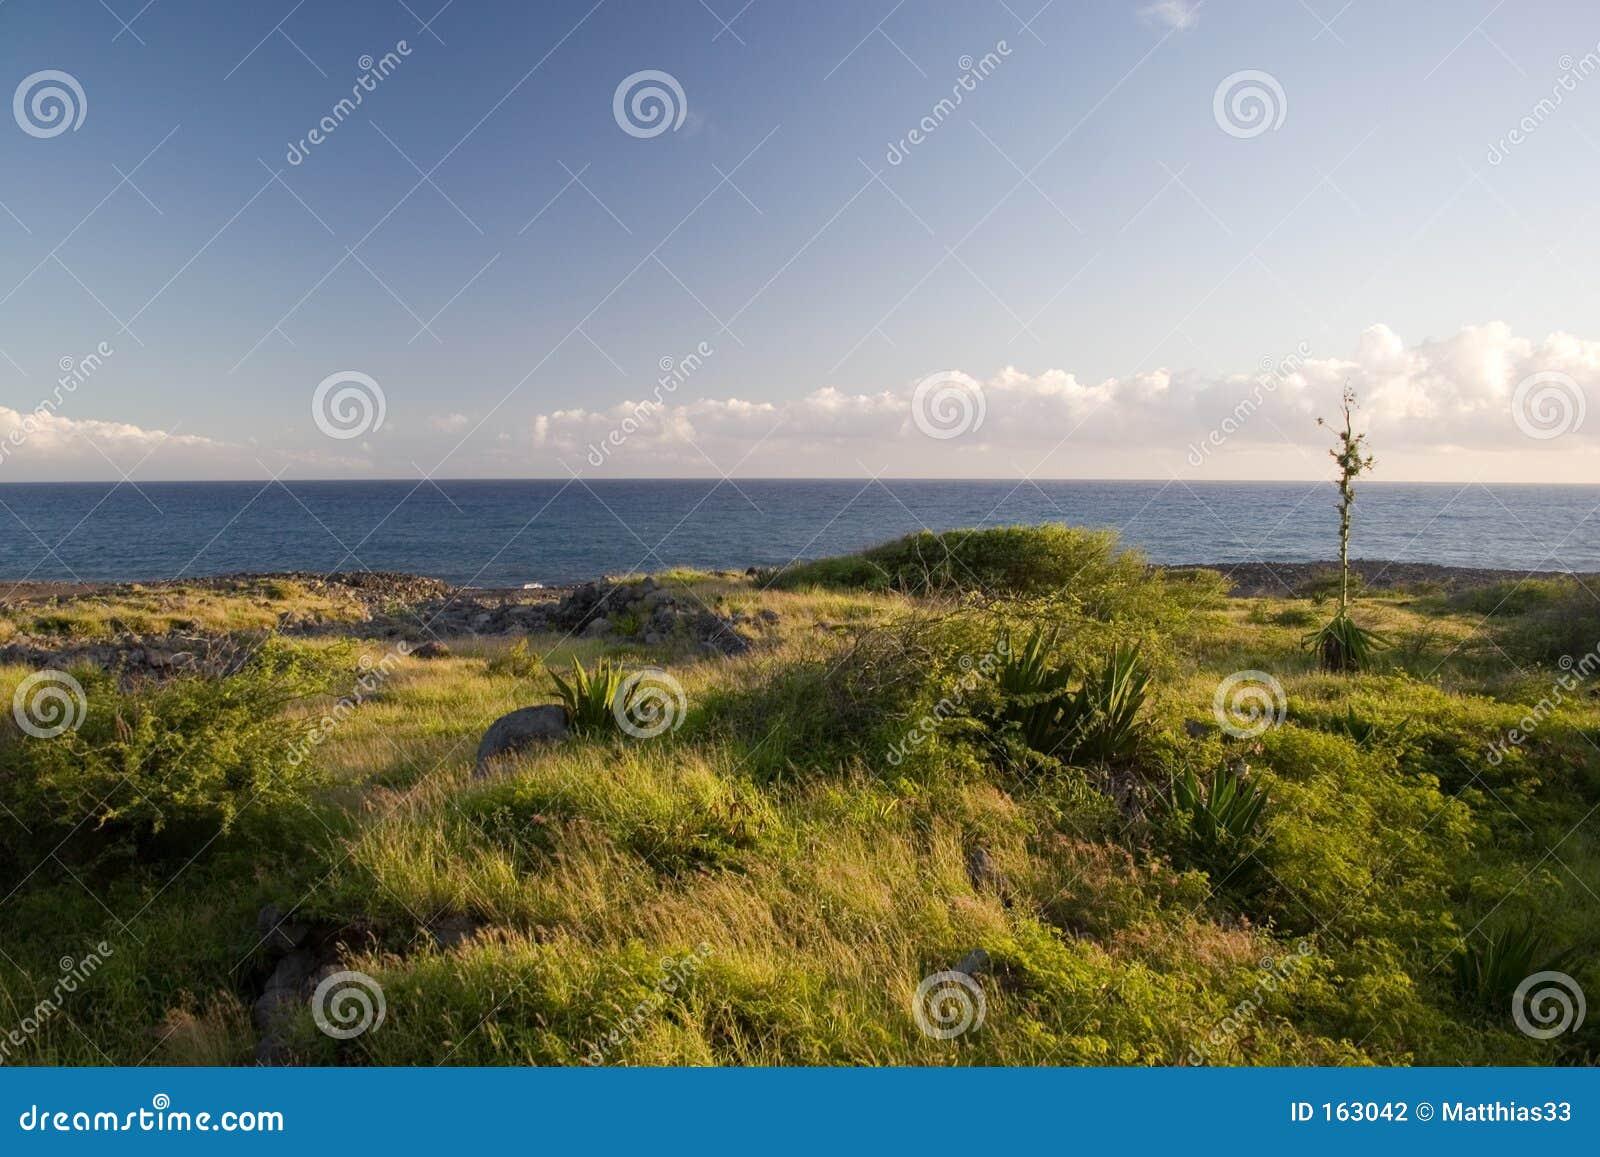 Hortaliças do oceano